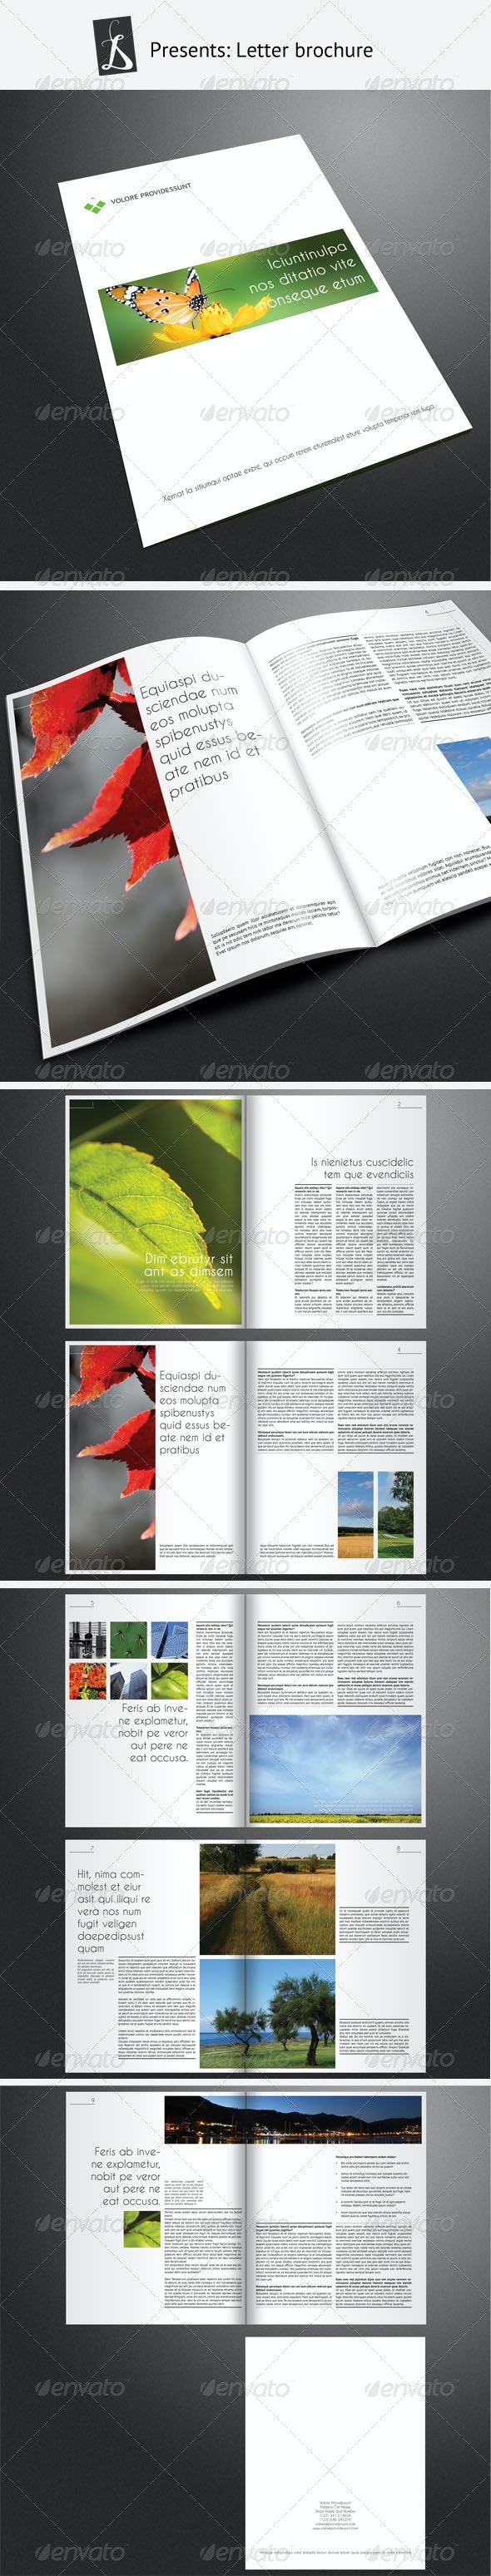 Corporate Brochure 11 - Corporate Brochures